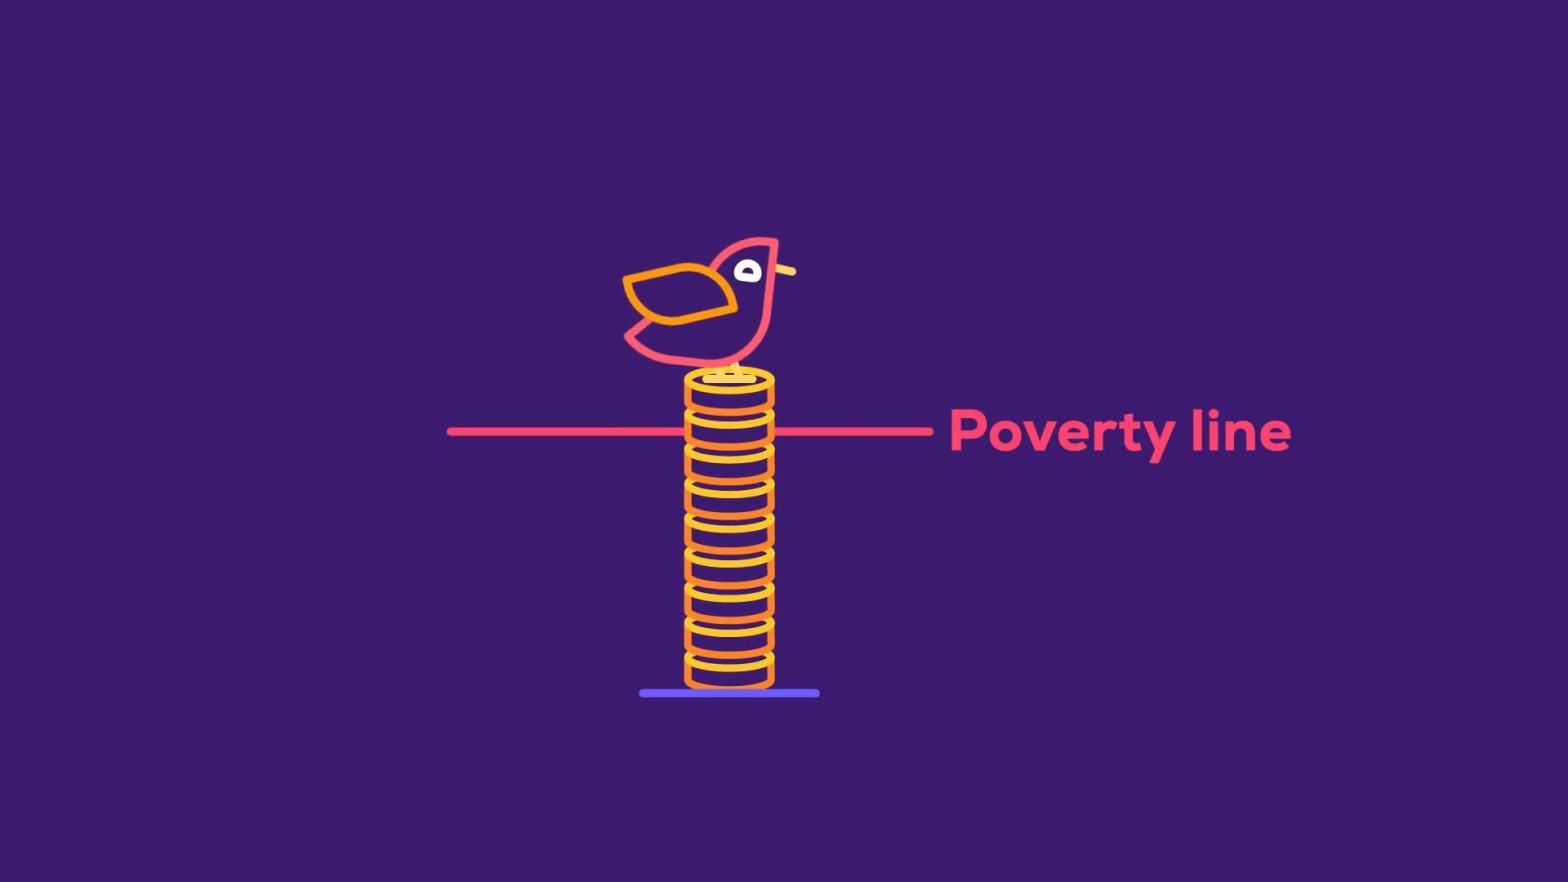 Seuil de pauvreté